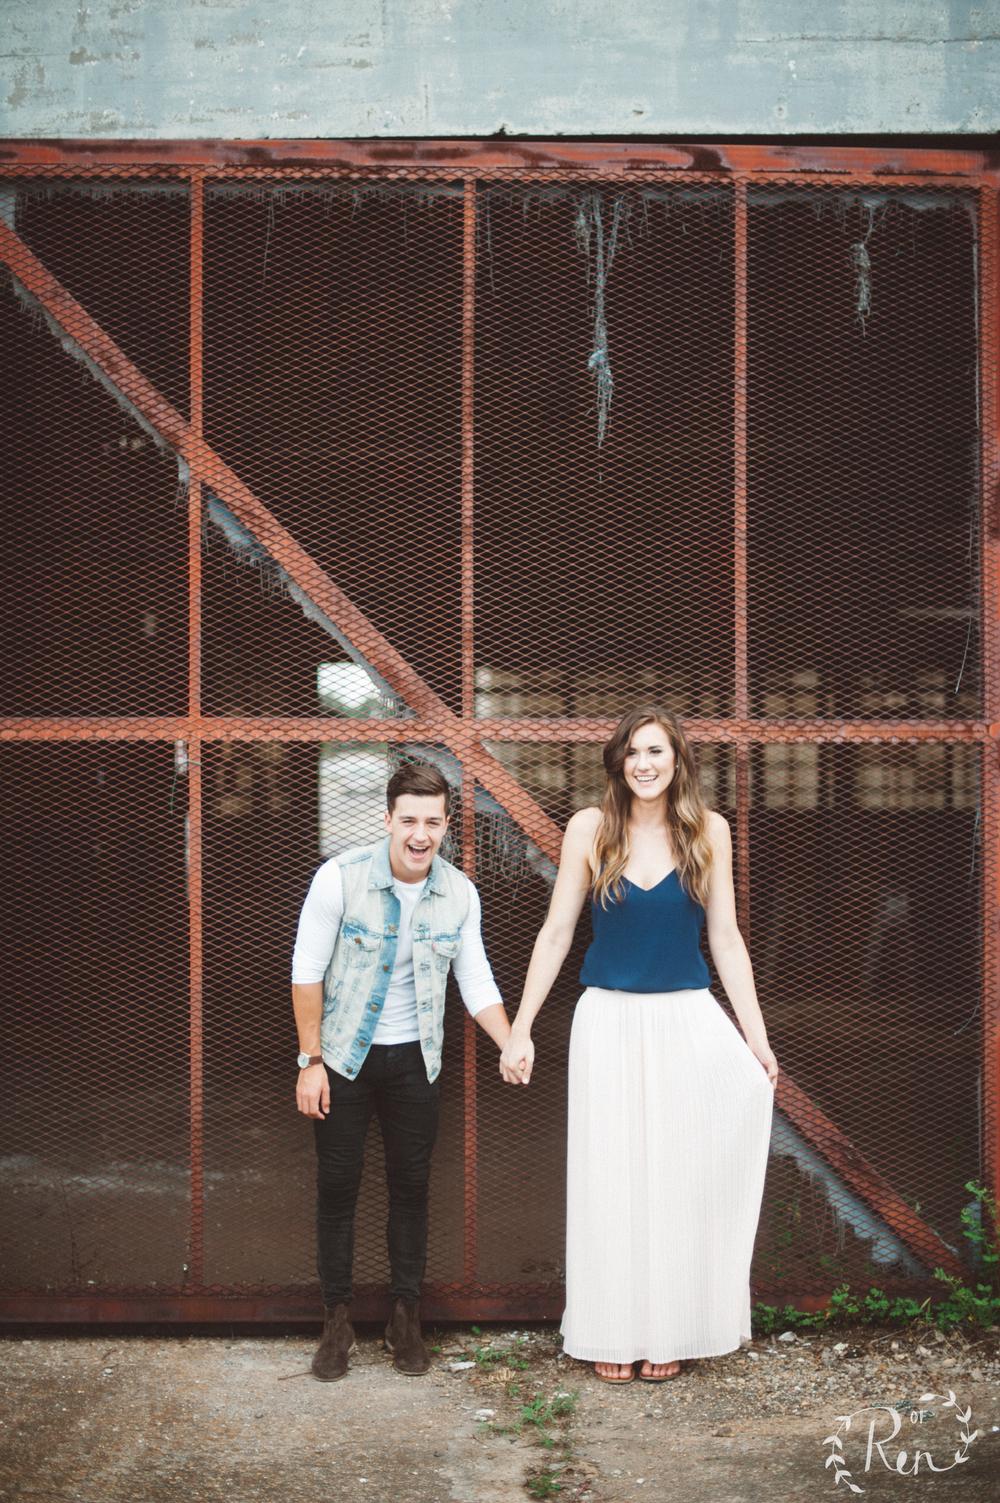 ofRen_EngagementPhotos_lensofren-34.jpg